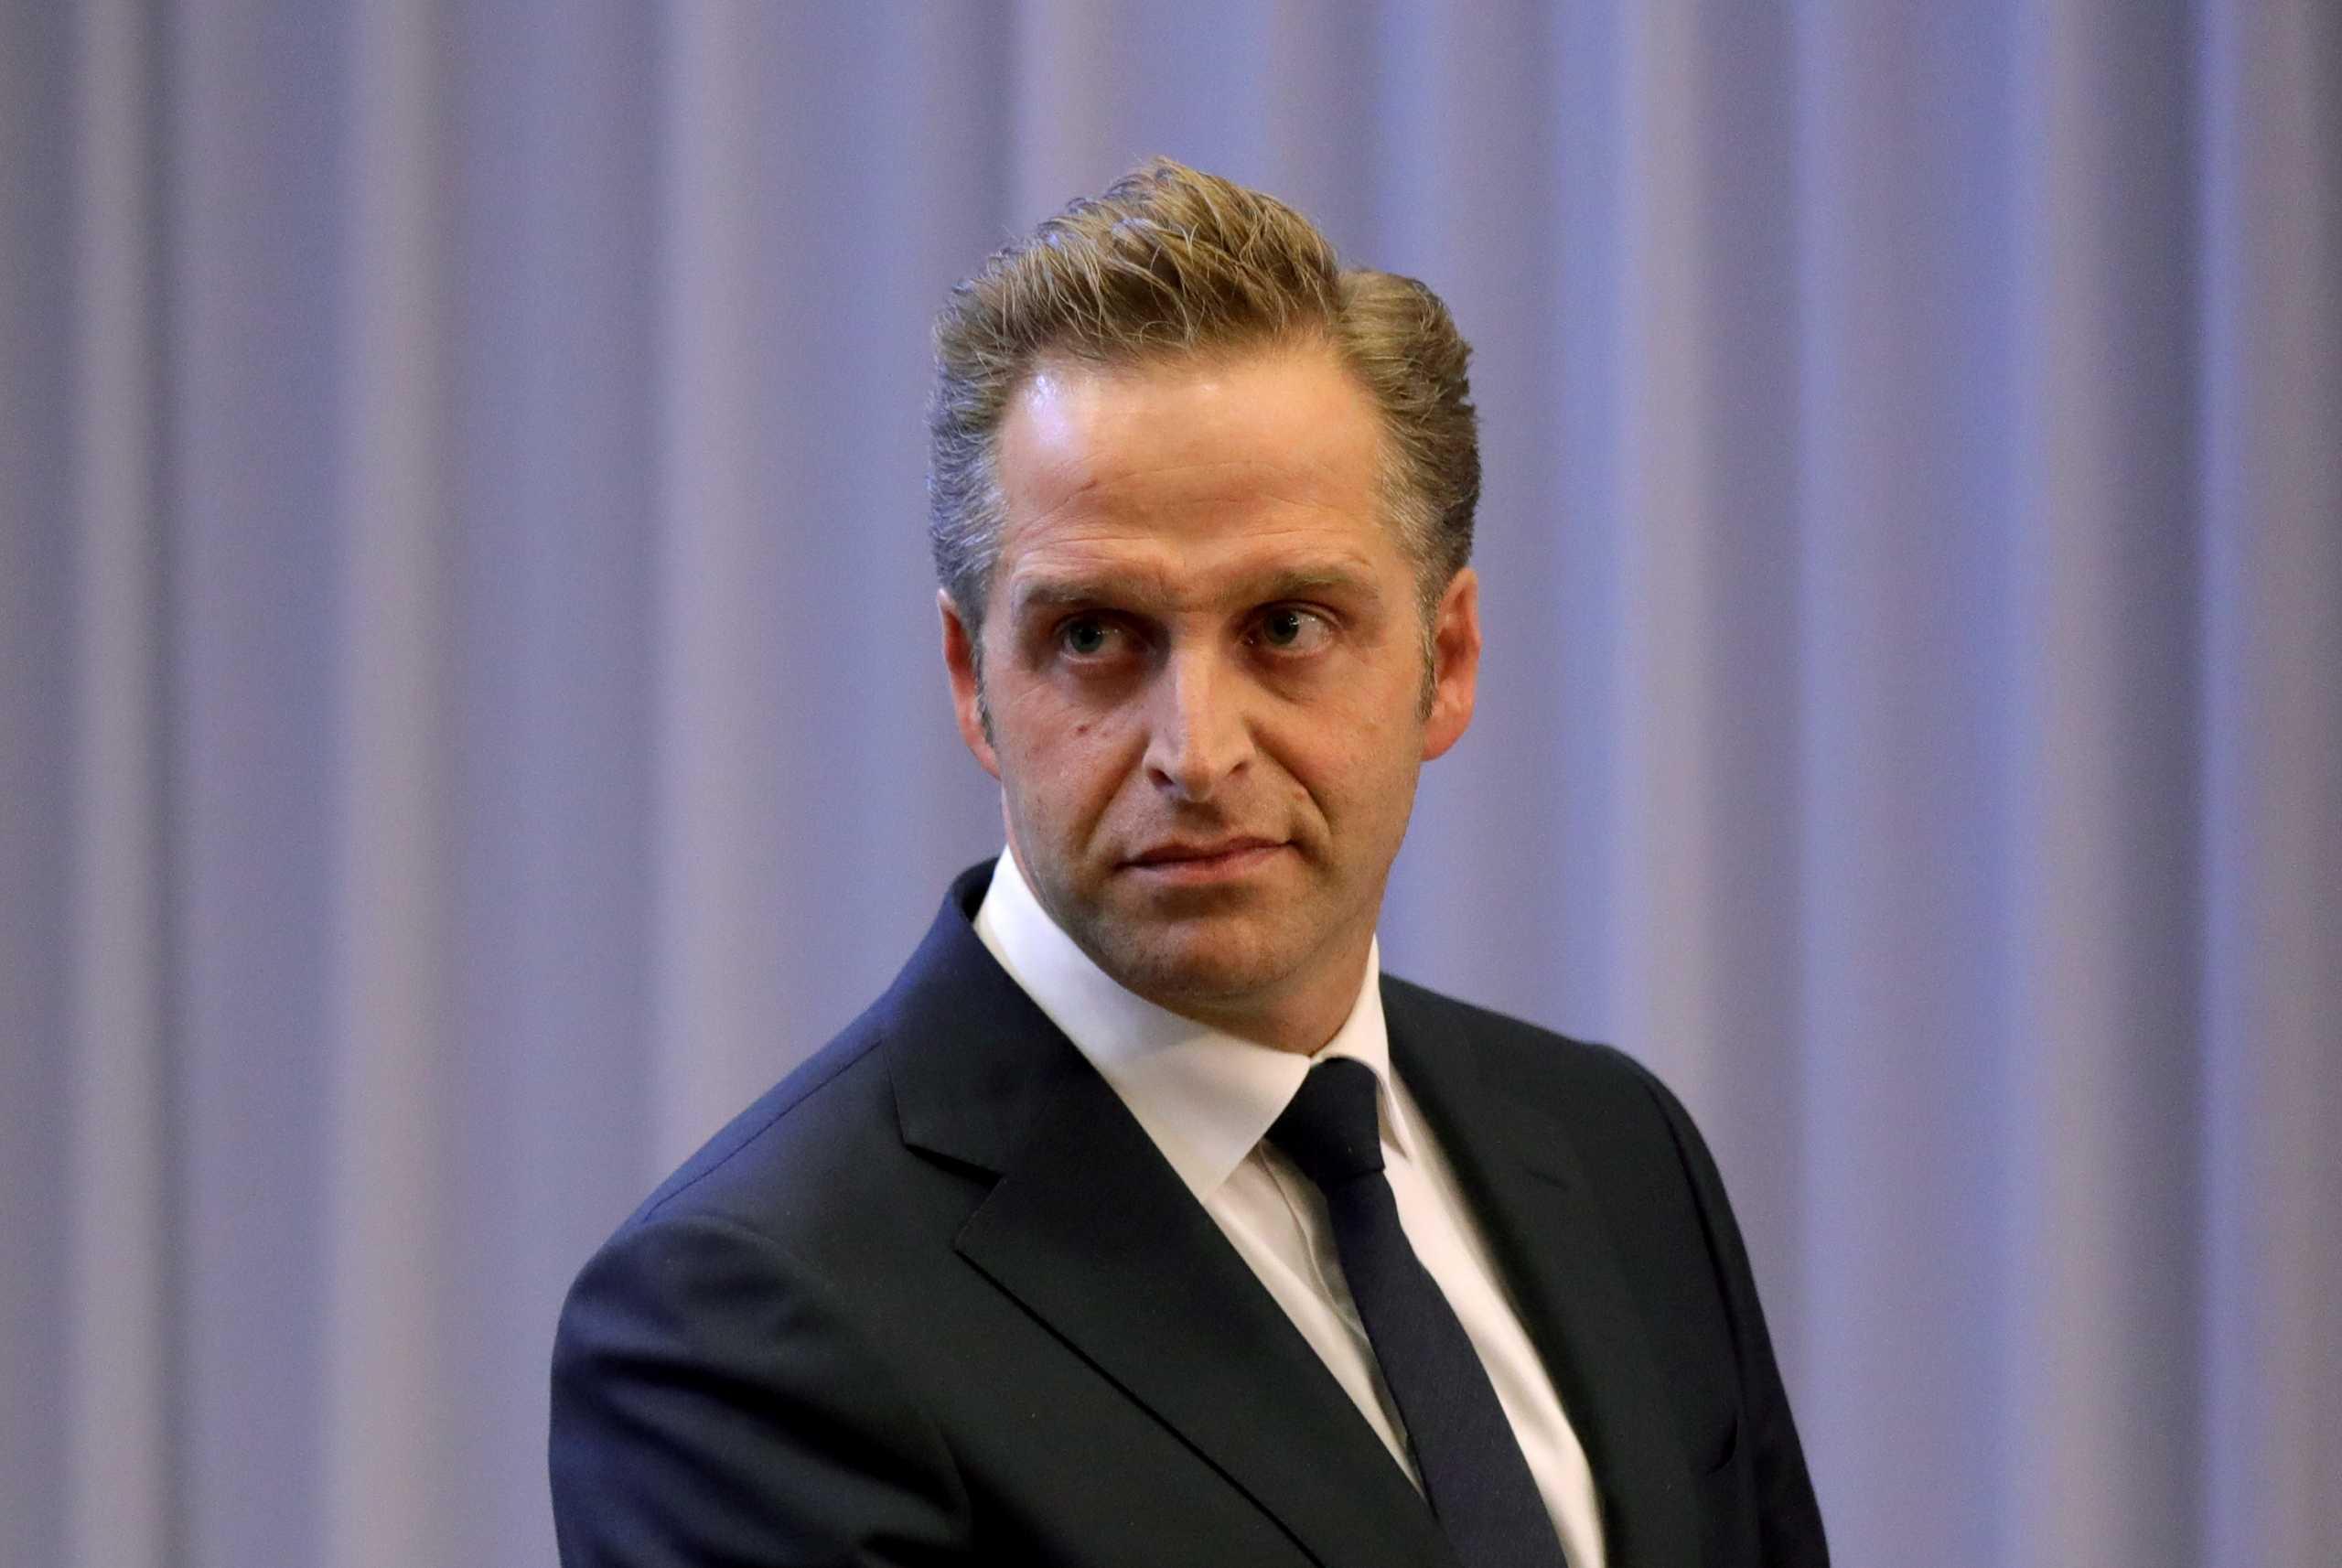 Εκλογές Ολλανδία: Υπουργός επιχείρησε να ψηφίσει με ληγμένο διαβατήριο και έφαγε πόρτα